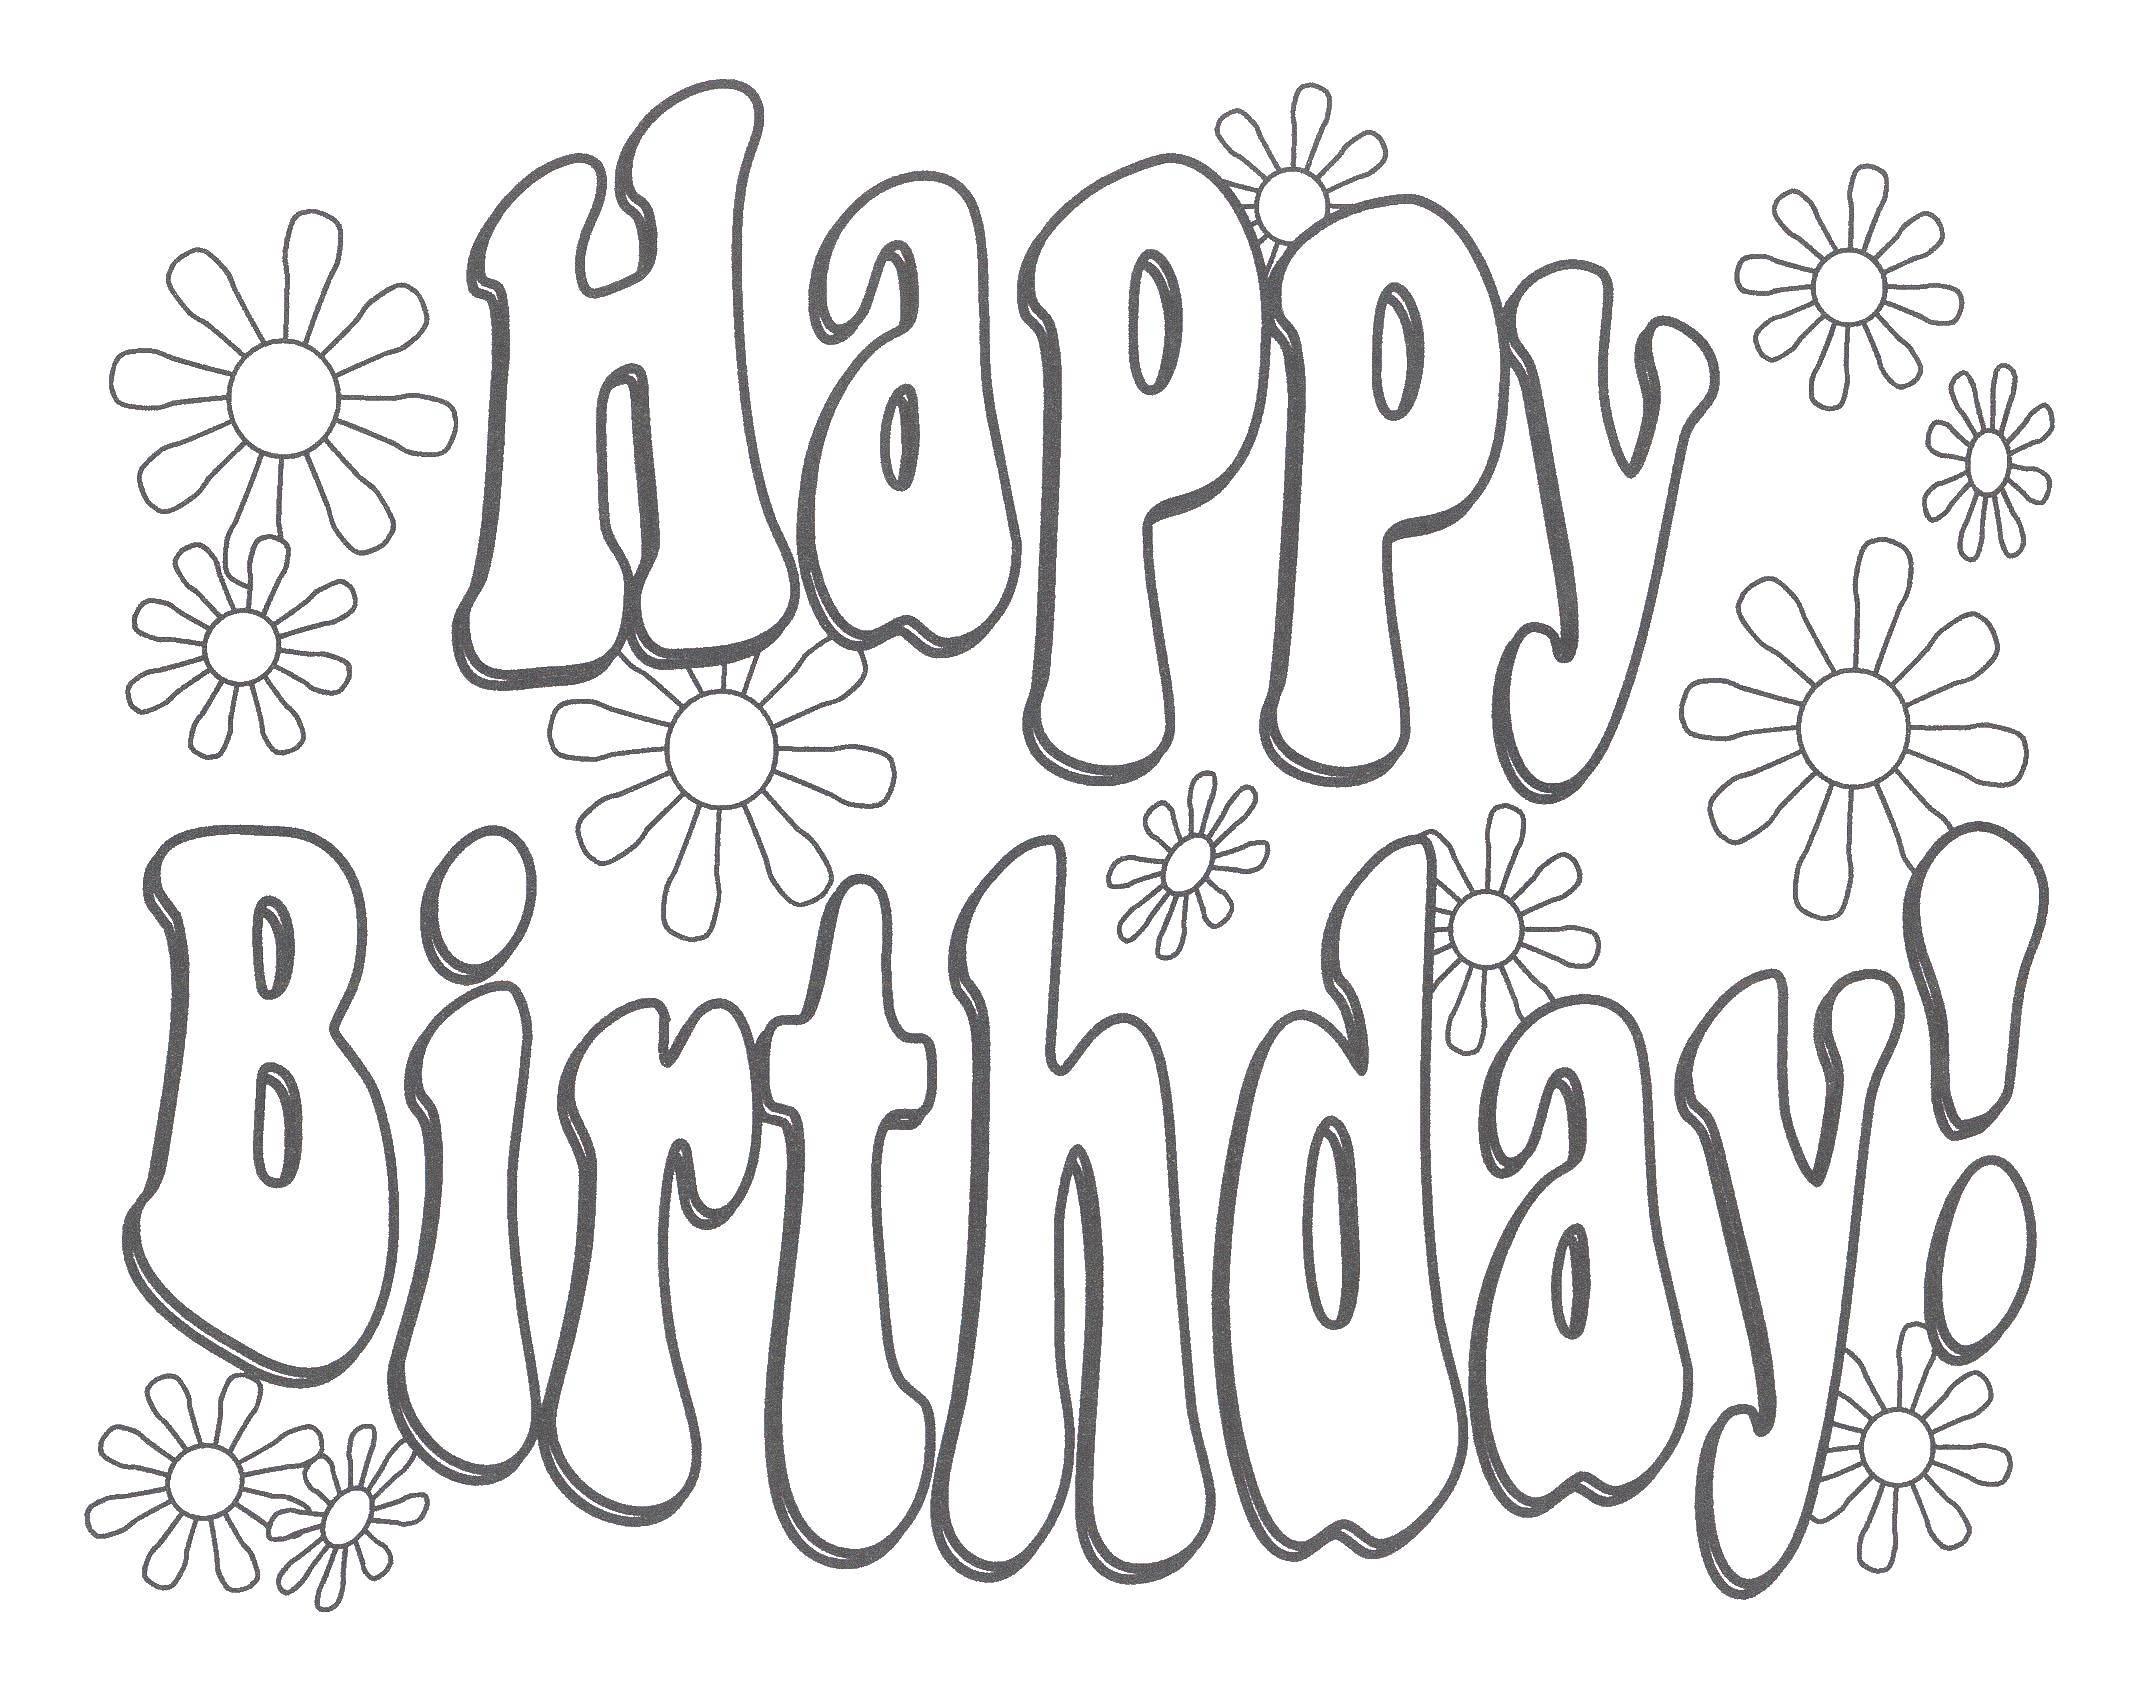 Раскраска С днем рождения. Скачать день рождения, надпись, поздравление.  Распечатать ,день рождения,